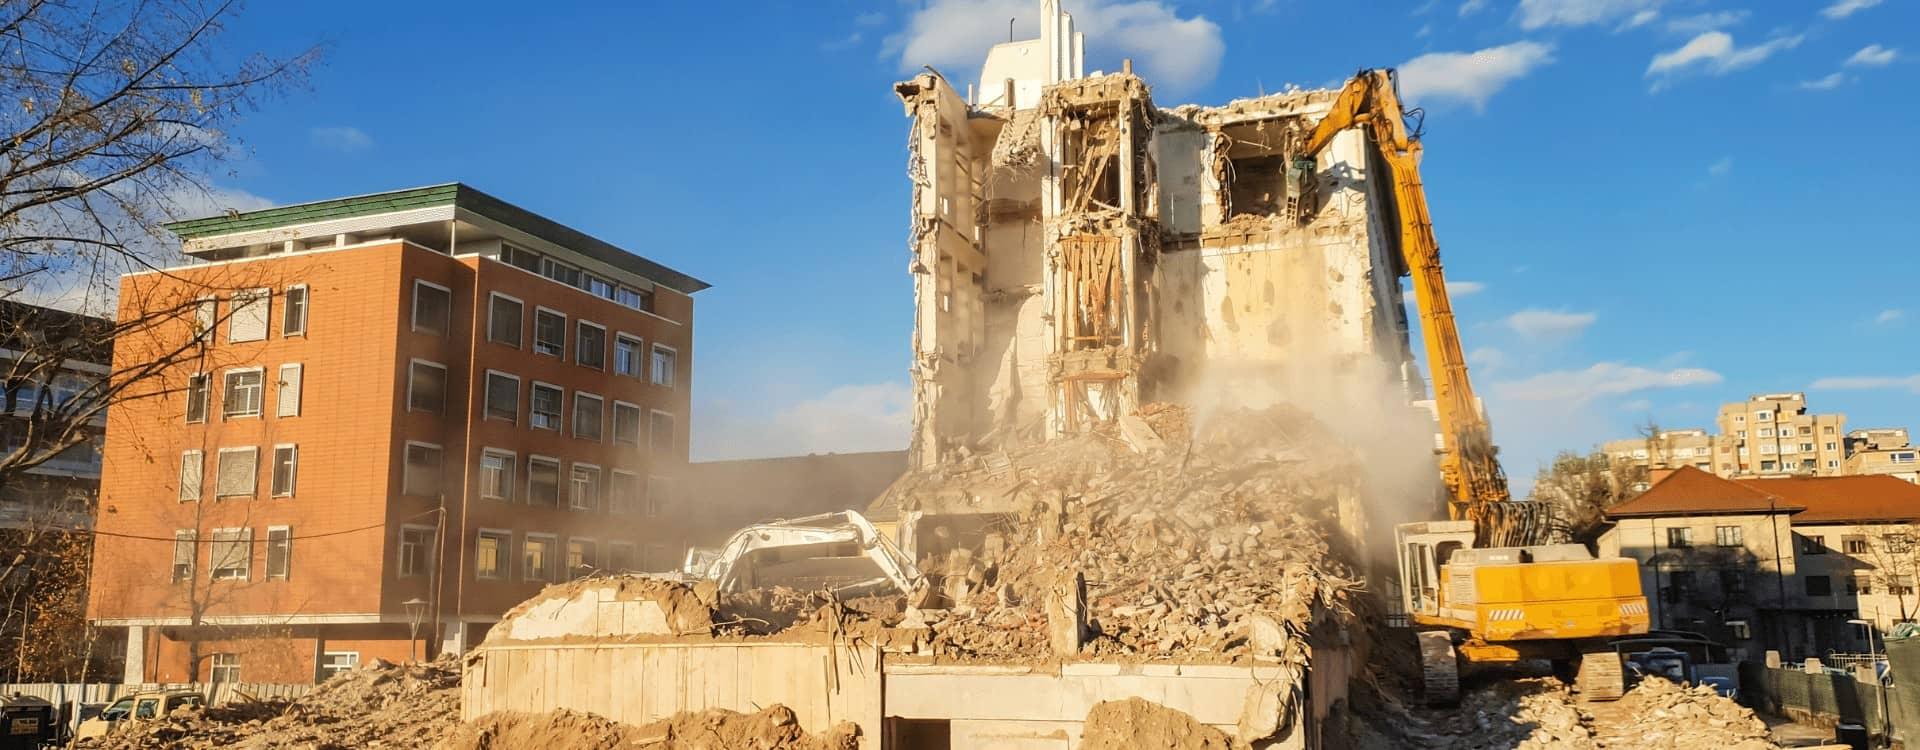 proyectos-demolicion